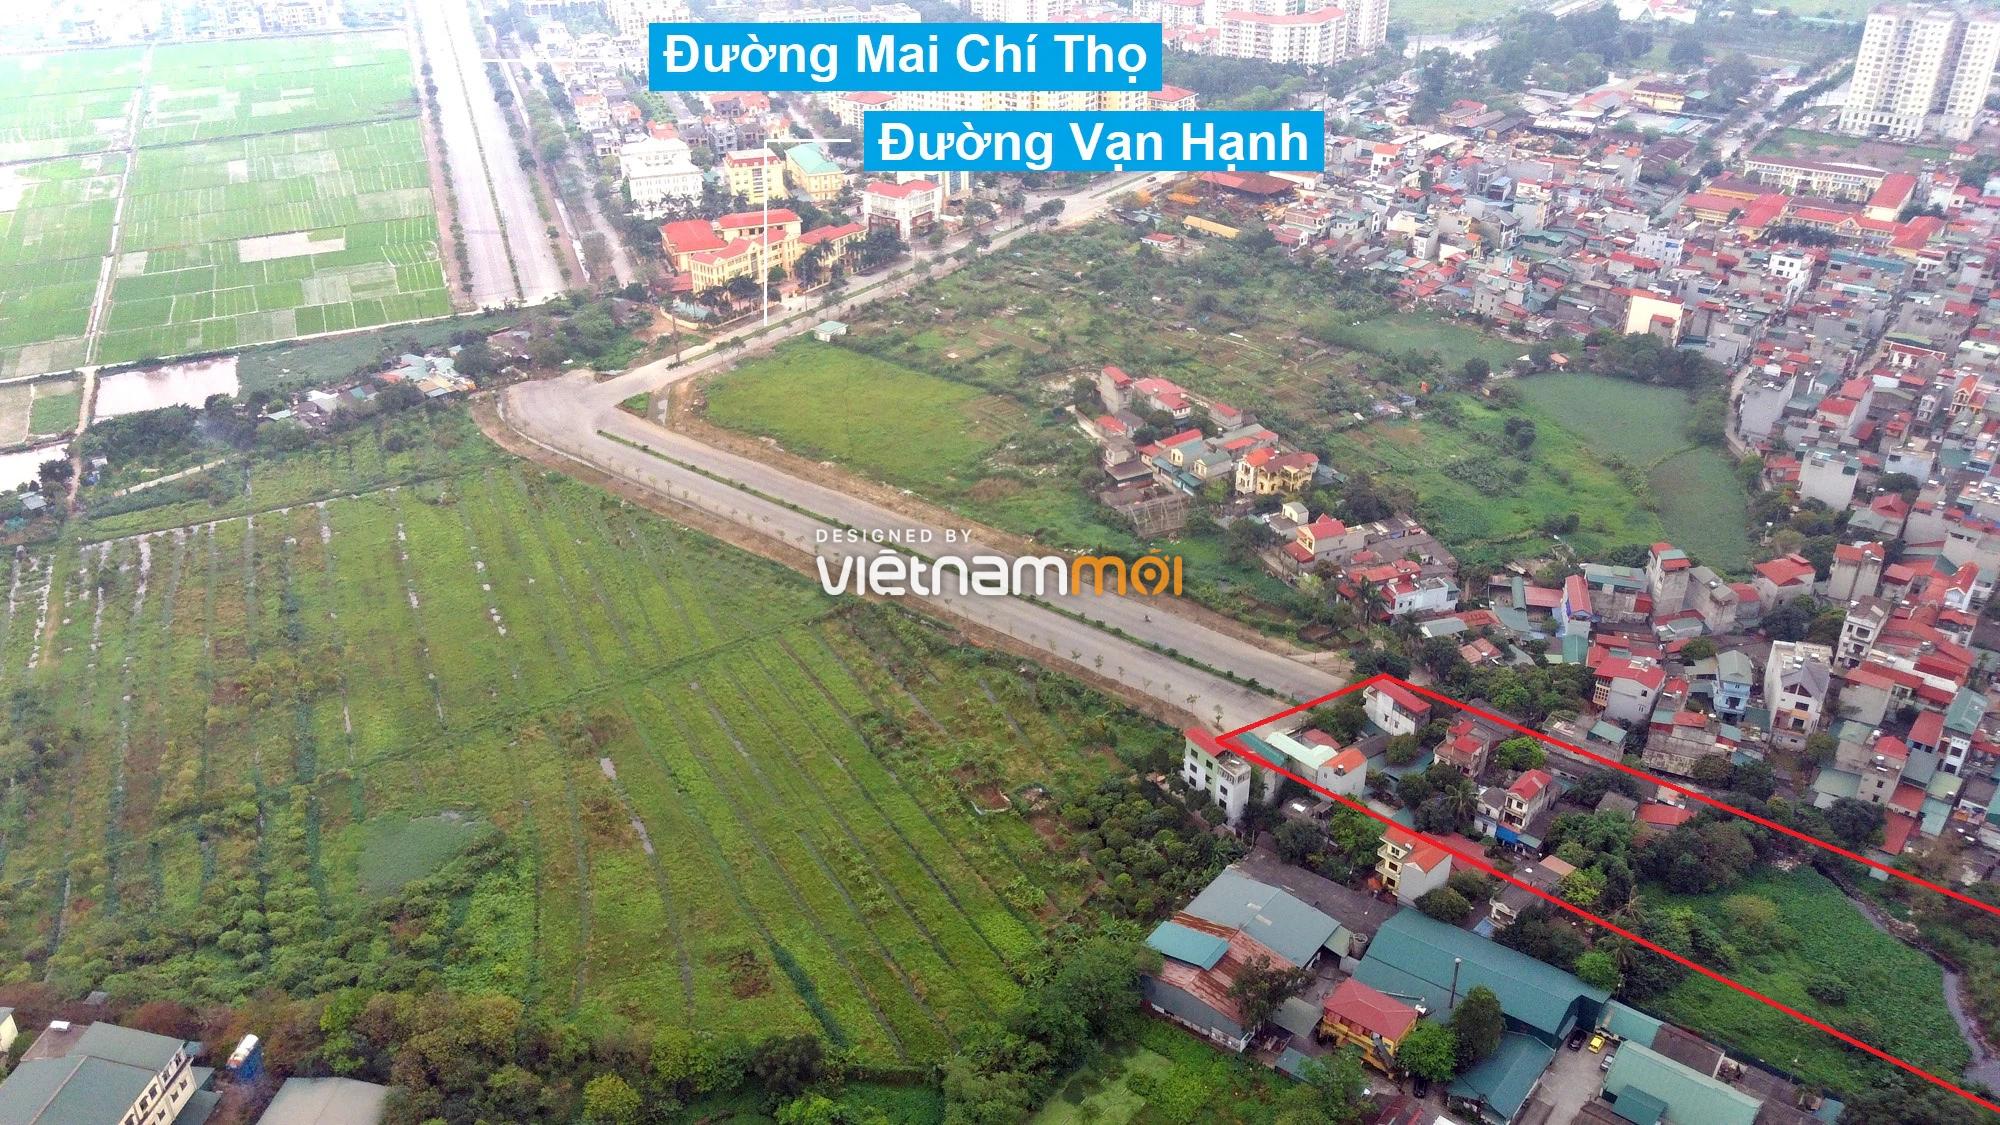 Những khu đất sắp thu hồi để mở đường ở phường Đức Giang, Long Biên, Hà Nội (phần 1) - Ảnh 3.